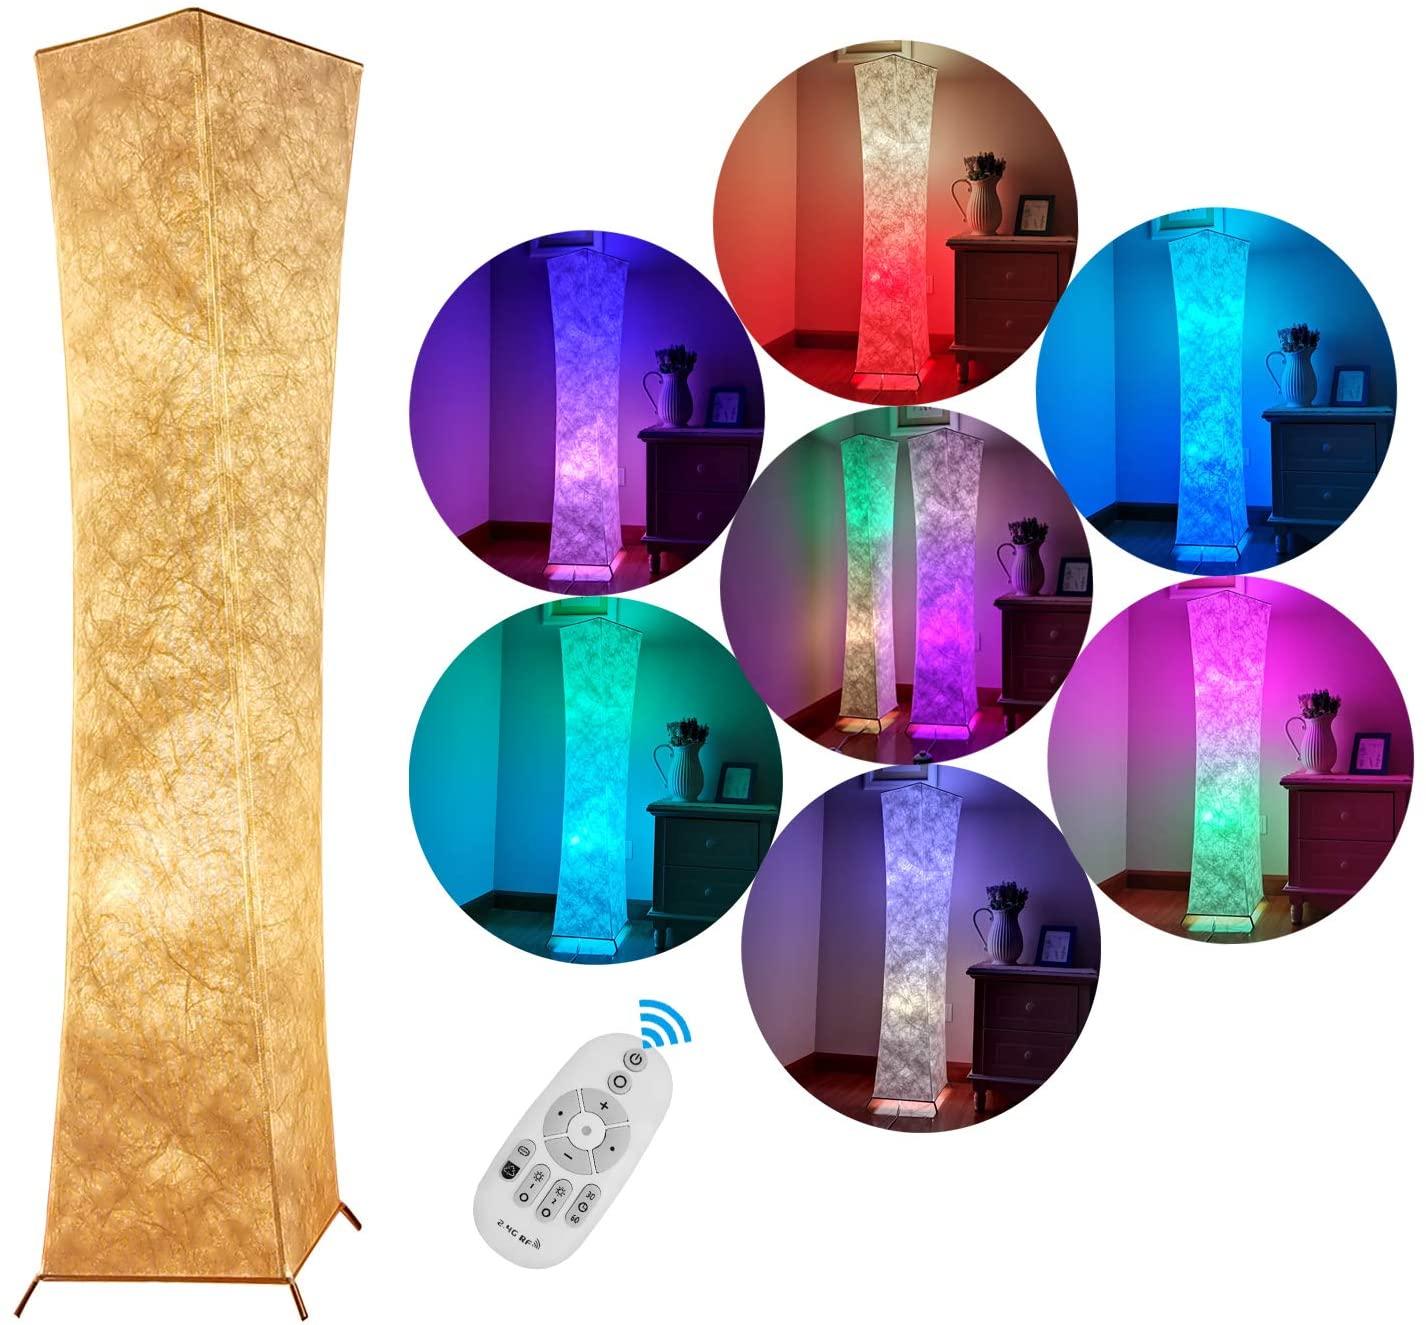 送料無料 スタンドライト 和室 照明器具 間接照明 リモコン操作で調光 調色 日本製 生地 15%OFF 迅速な対応で商品をお届け致します フロアランプ LED 純和風テイスト シンプル リビング 北欧 高さ132cm LVYUAN リョクエン RGB電球 スタンド照明 和風 今だけ限定15%OFFクーポン発行中 26cm×132cm+2個のLED スタンド